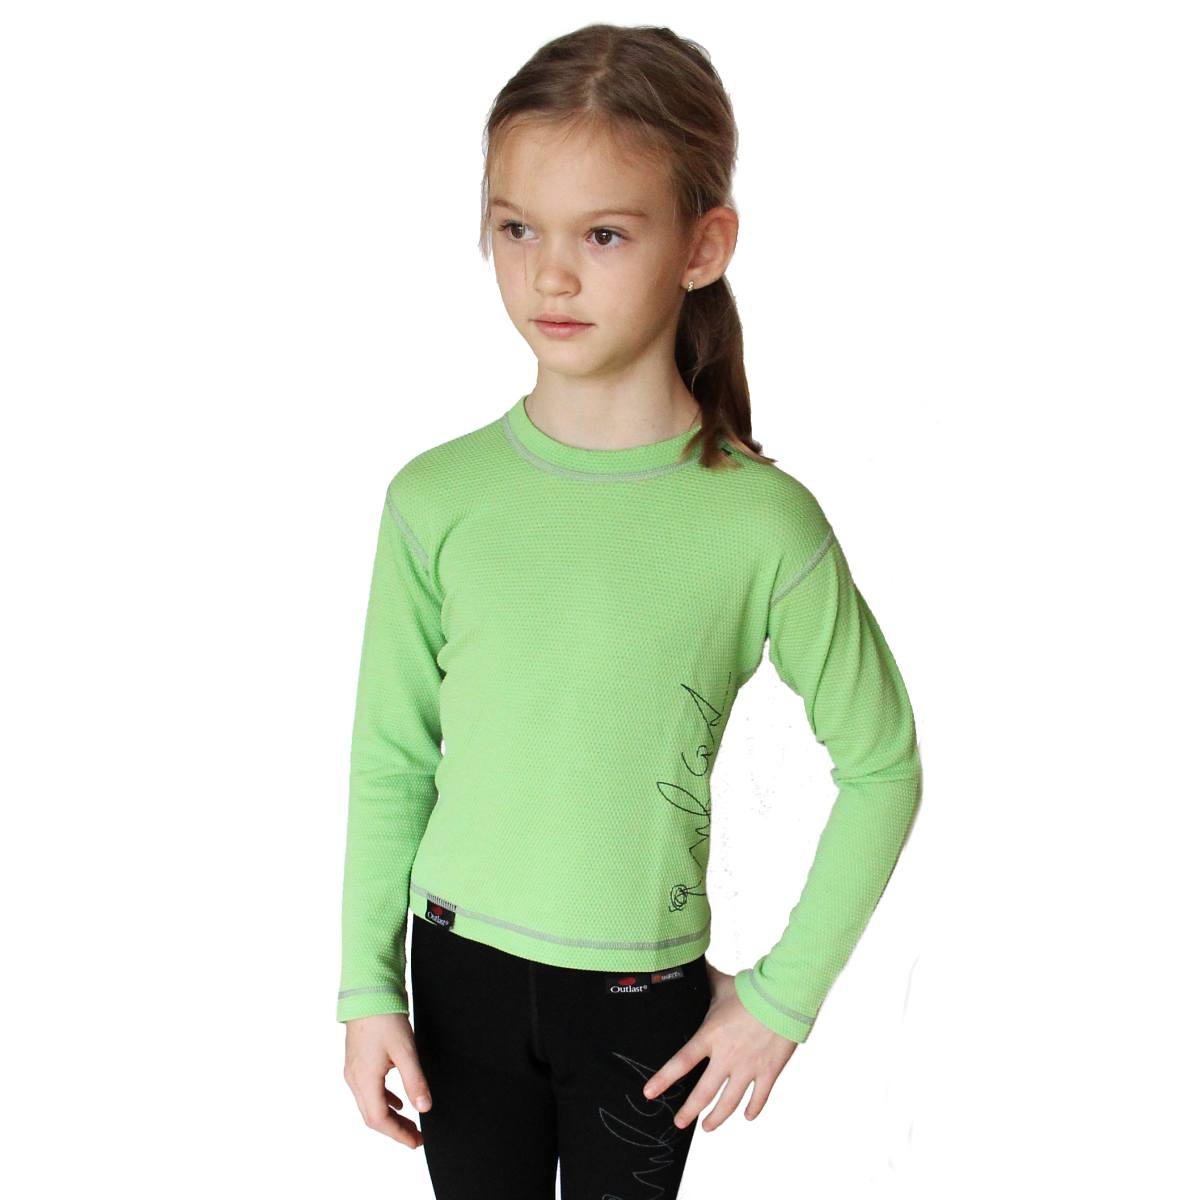 Outlast Plástve funkční dětské triko s dlouhým rukávem ae0b6b8b8d